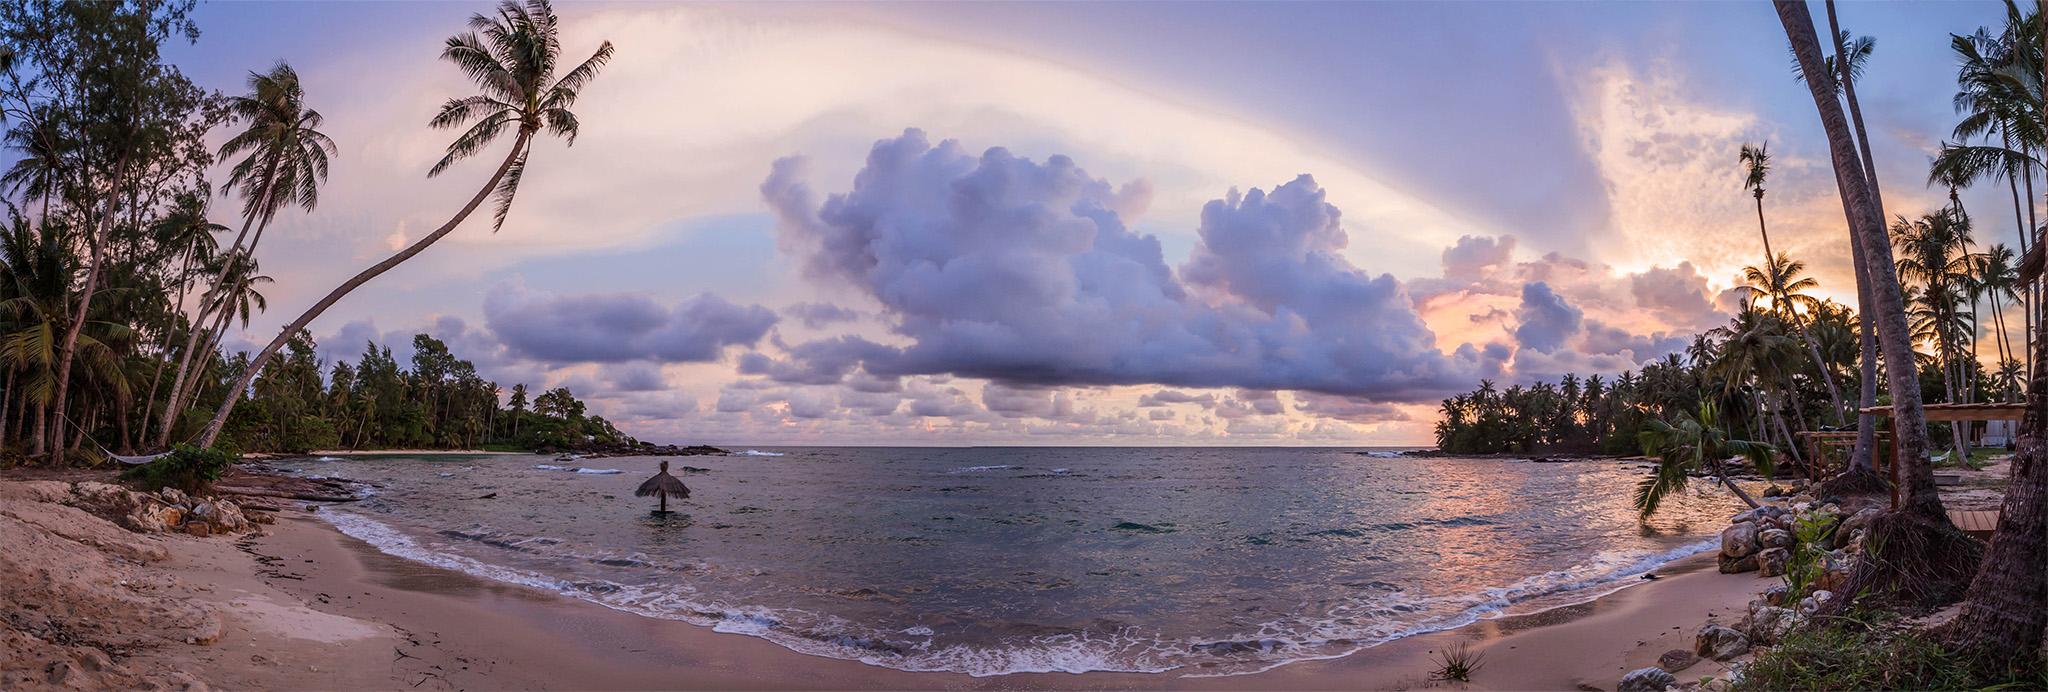 รีวิว ไฮด์เอาท์ เกาะกูด – หลบเร้นเพื่อพบเจอ